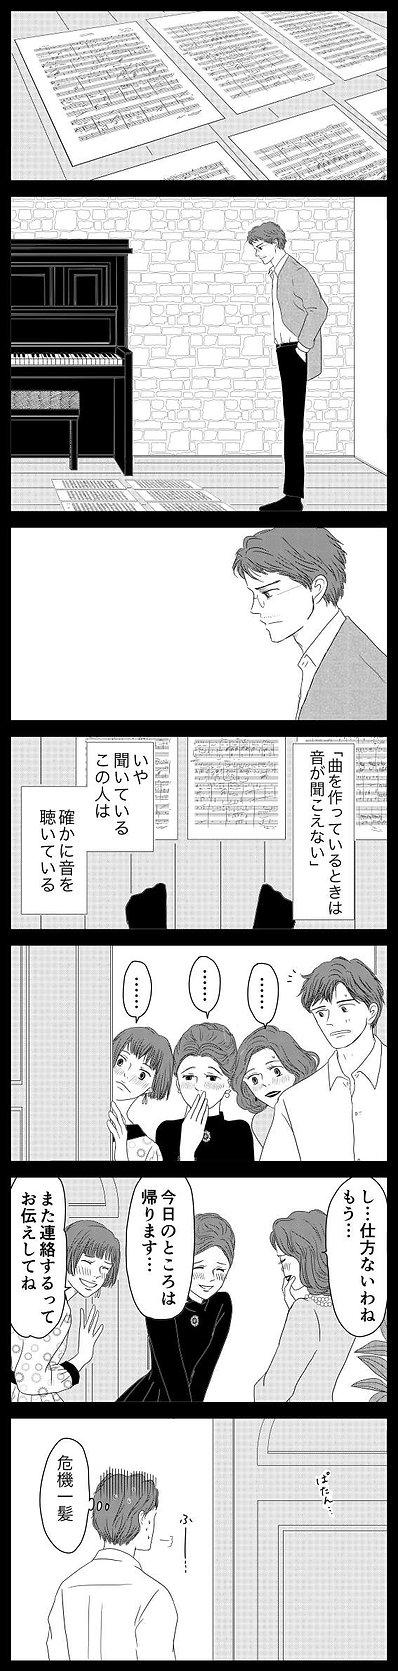 洋輔さん09 2.jpg